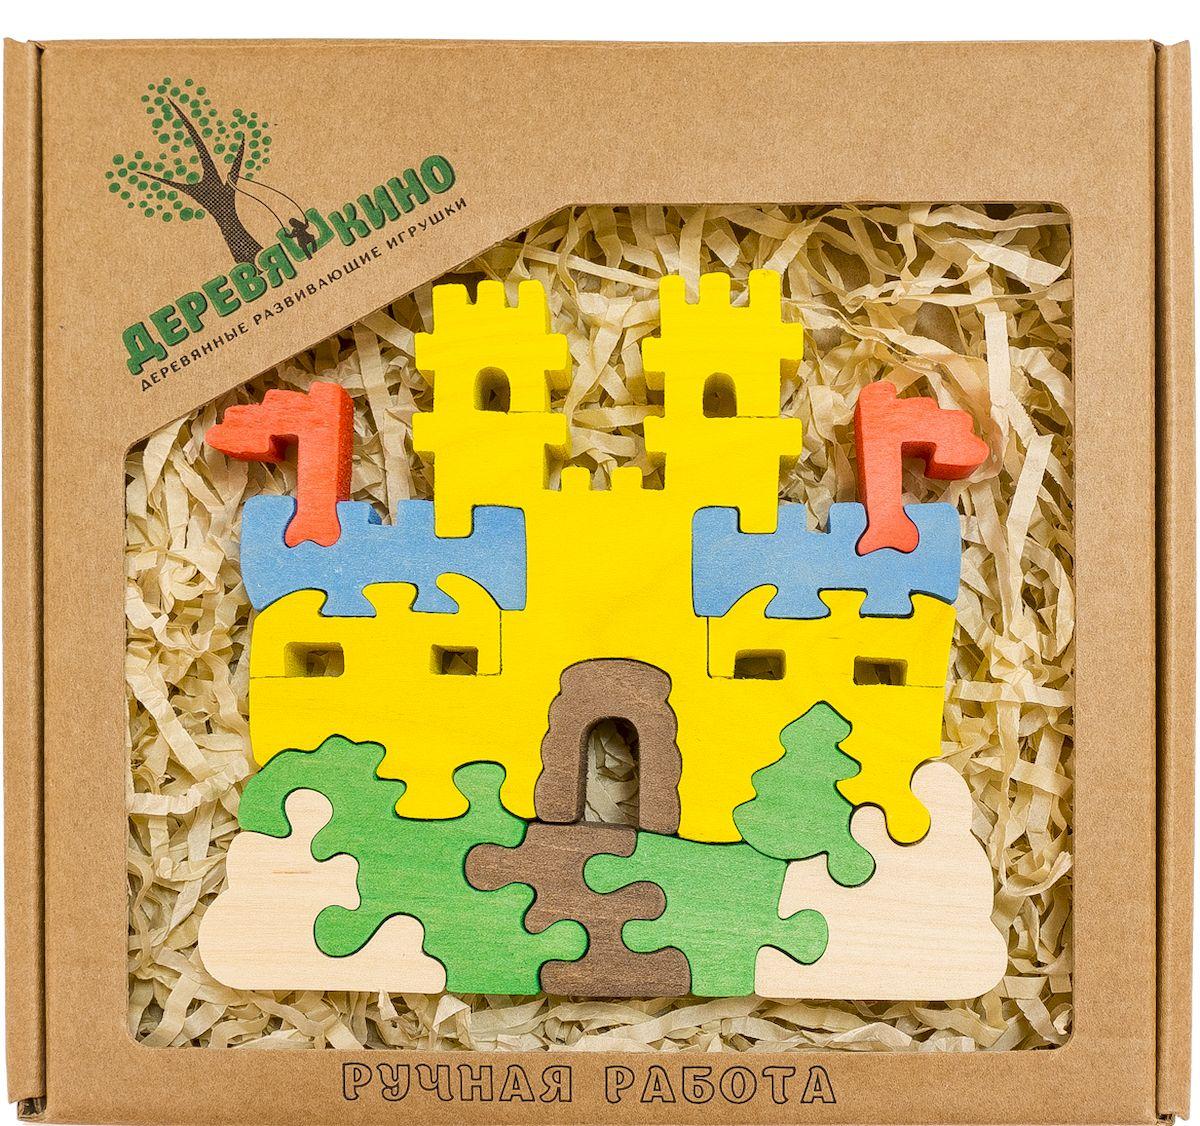 Деревяшкино Пазл для малышей Замок с башнями564Развивающая деревянная головоломка Замок с башнями (средней степени сложности) подходит для мальчиков и девочек в возрасте 3-5лет, состоит из 12 деталей. Экологически чистый продукт: изготовлено вручную из массива березы. Игрушка раскрашена пищевой водостойкой краской, что делает взаимодействие с изделием абсолютно безопасным: никаких лаков, «химии» или добавок. Процесс сборки деревянной головоломки развивает: тактильную сенсорику, внимательность, усидчивость, пространственное мышление, мелкую моторику, а так же учит различать элементы по цвету, форме и размеру. С продукцией компании Деревяшкино, Ваши детки развиваются, играя без риска для здоровья.